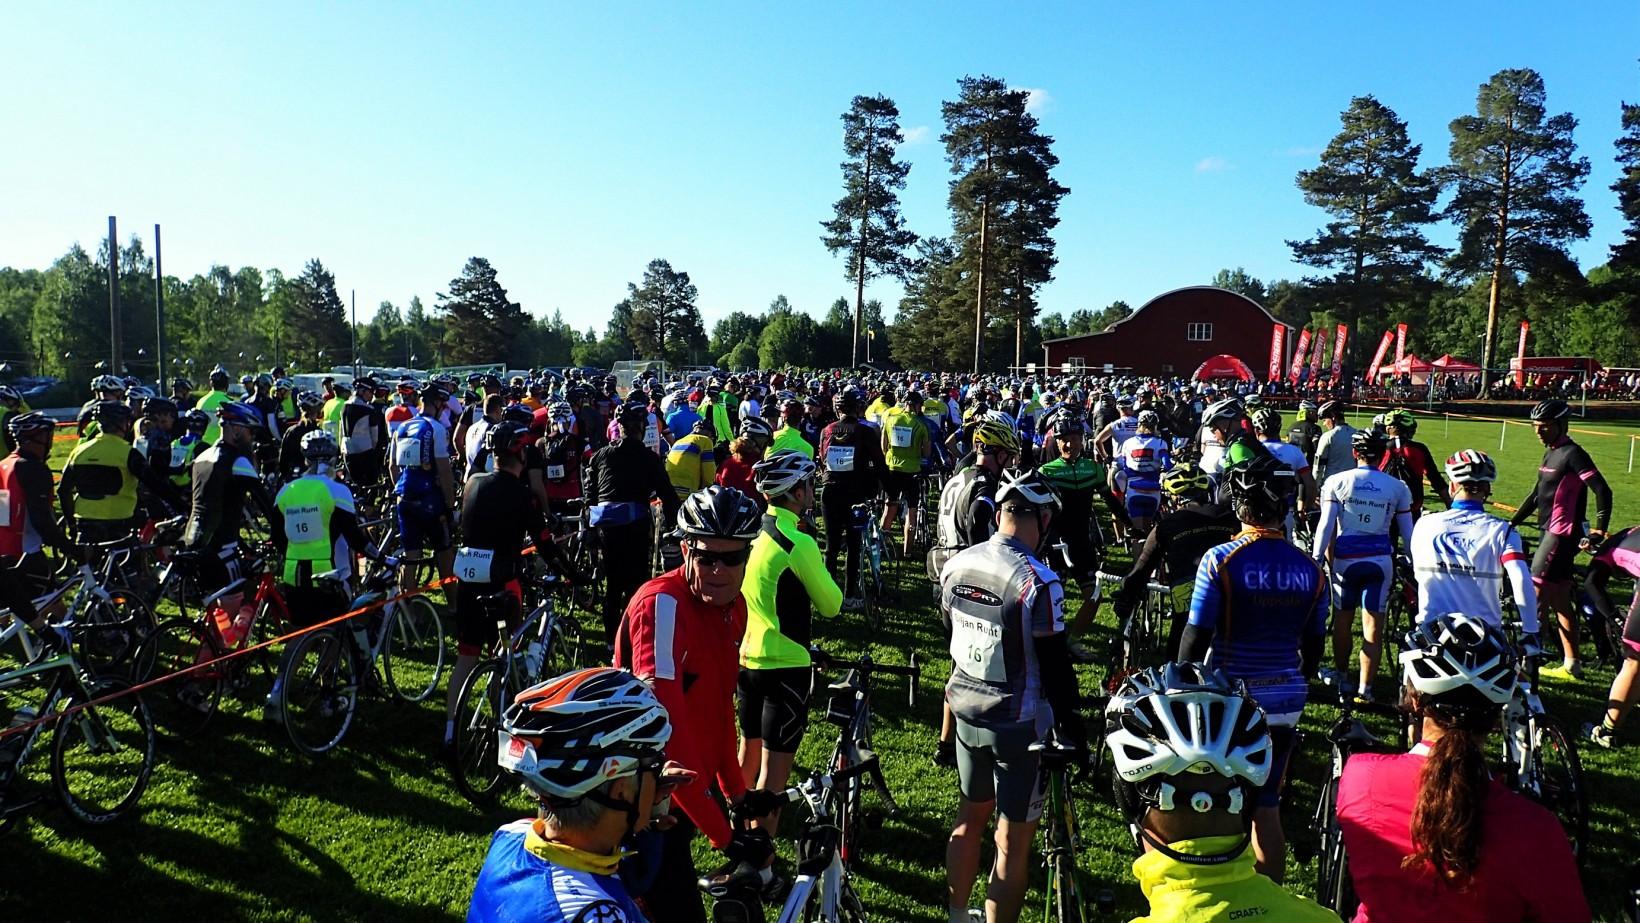 Den långa kön med cyklister som ringlar sig fram till startlinjen.